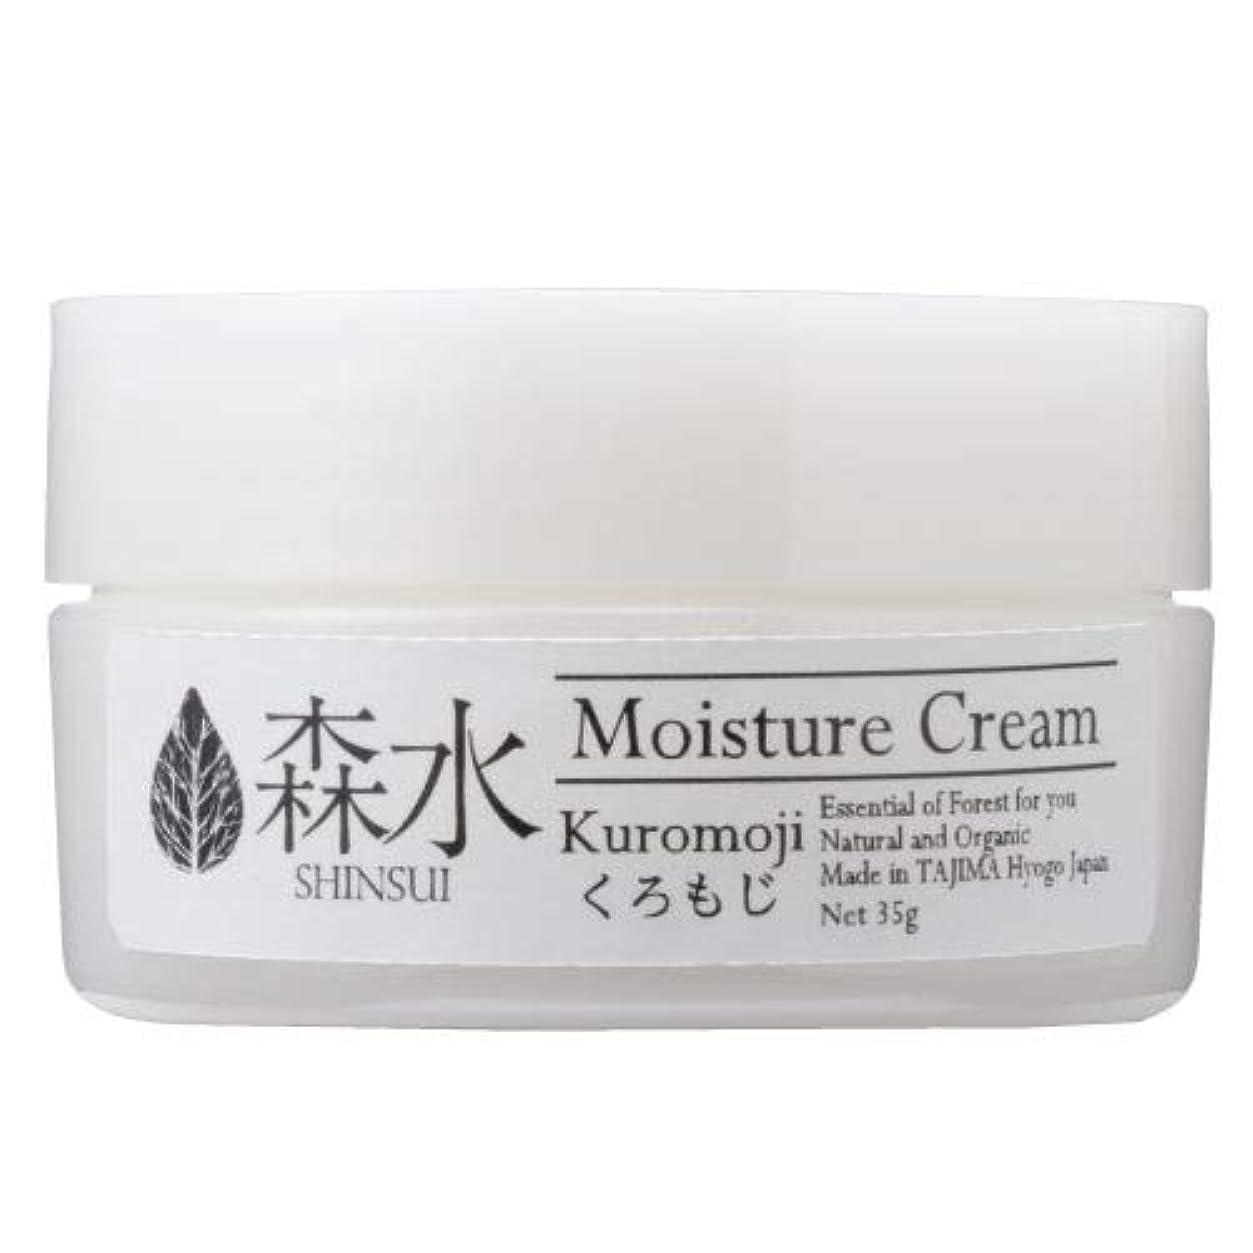 幸運なことにモンキー治す森水-SHINSUI シンスイ-くろもじクリーム(Kuromoji Moisture Cream)35g